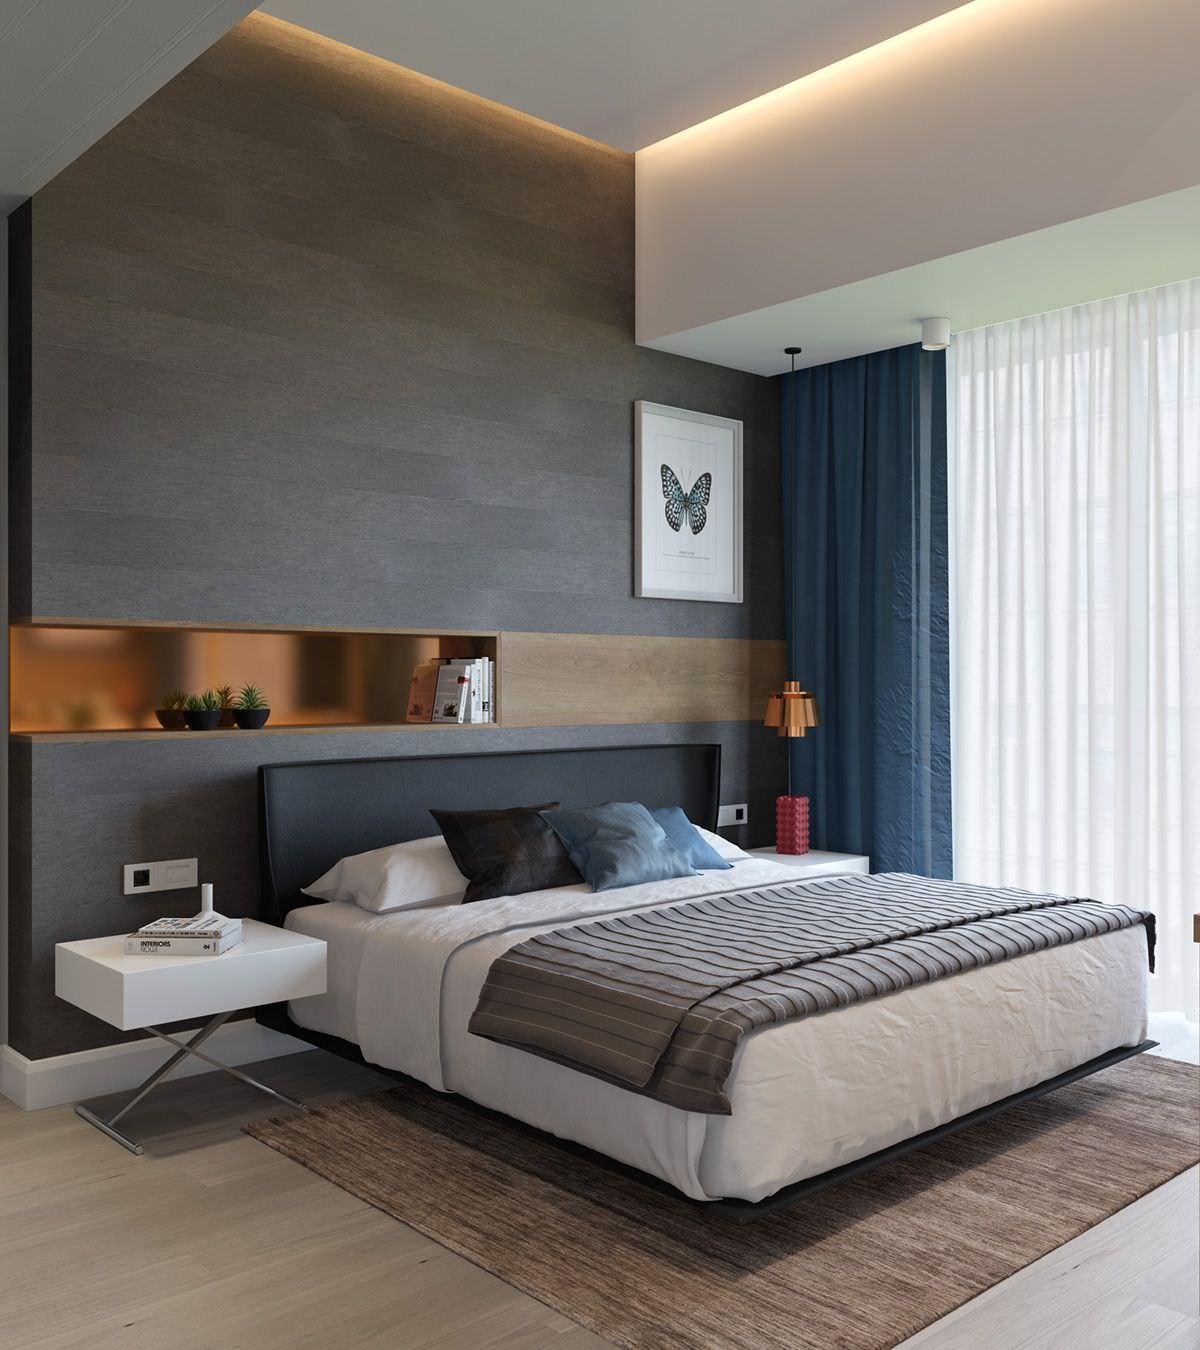 Design Camera Matrimoniale Camere Da Letto Moderne.100 Idee Camere Da Letto Moderne Stile E Design Per Un Ambiente